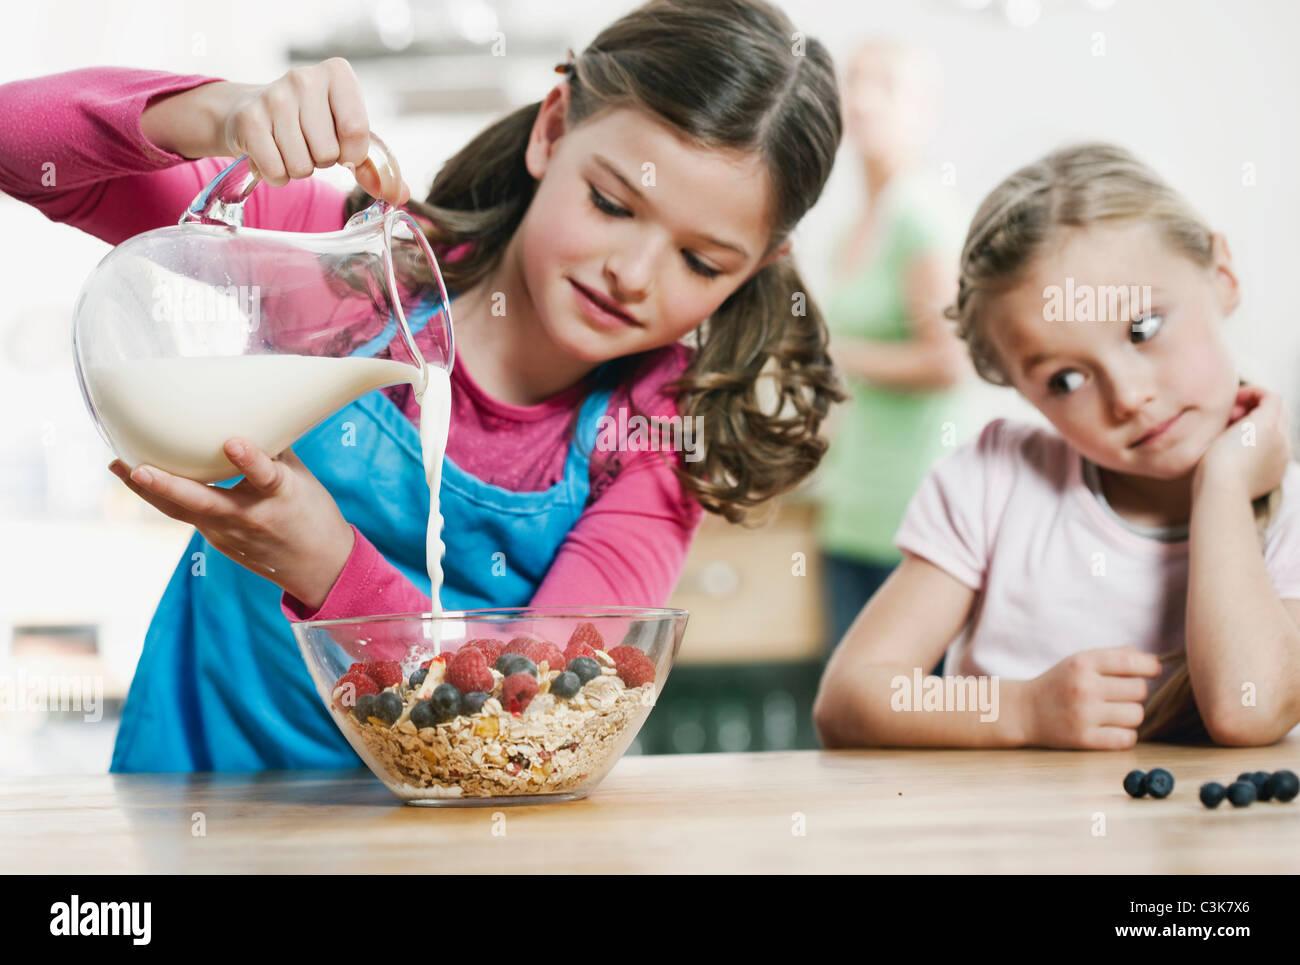 Alemania, Colonia, niños preparando el desayuno en la cocina Imagen De Stock